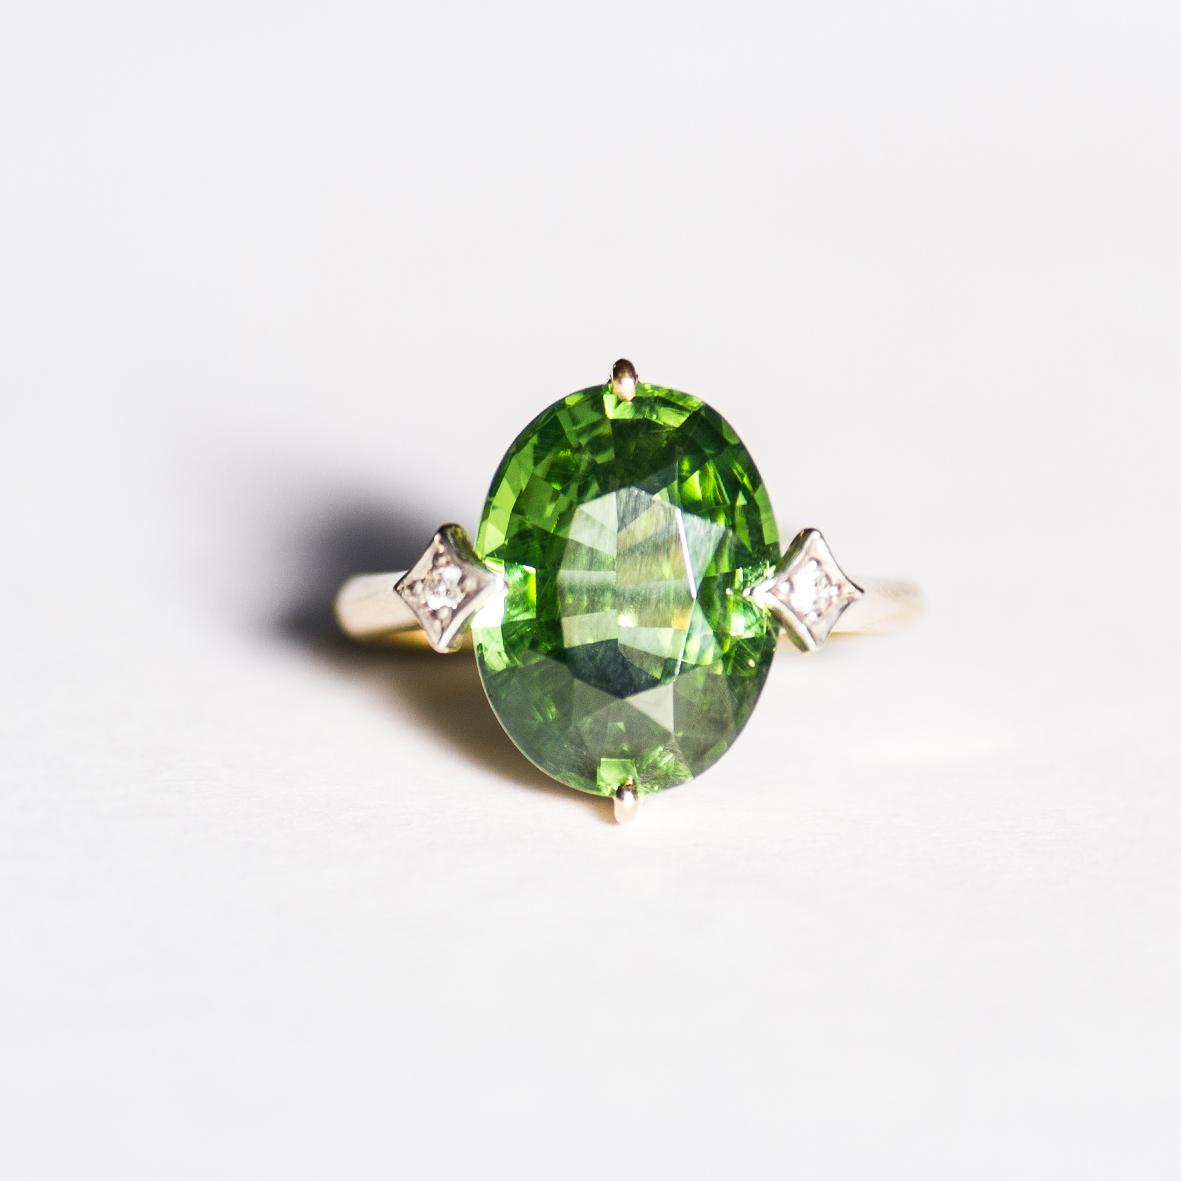 3. OONA_gems of ceylon_ficha1_green zircon copia